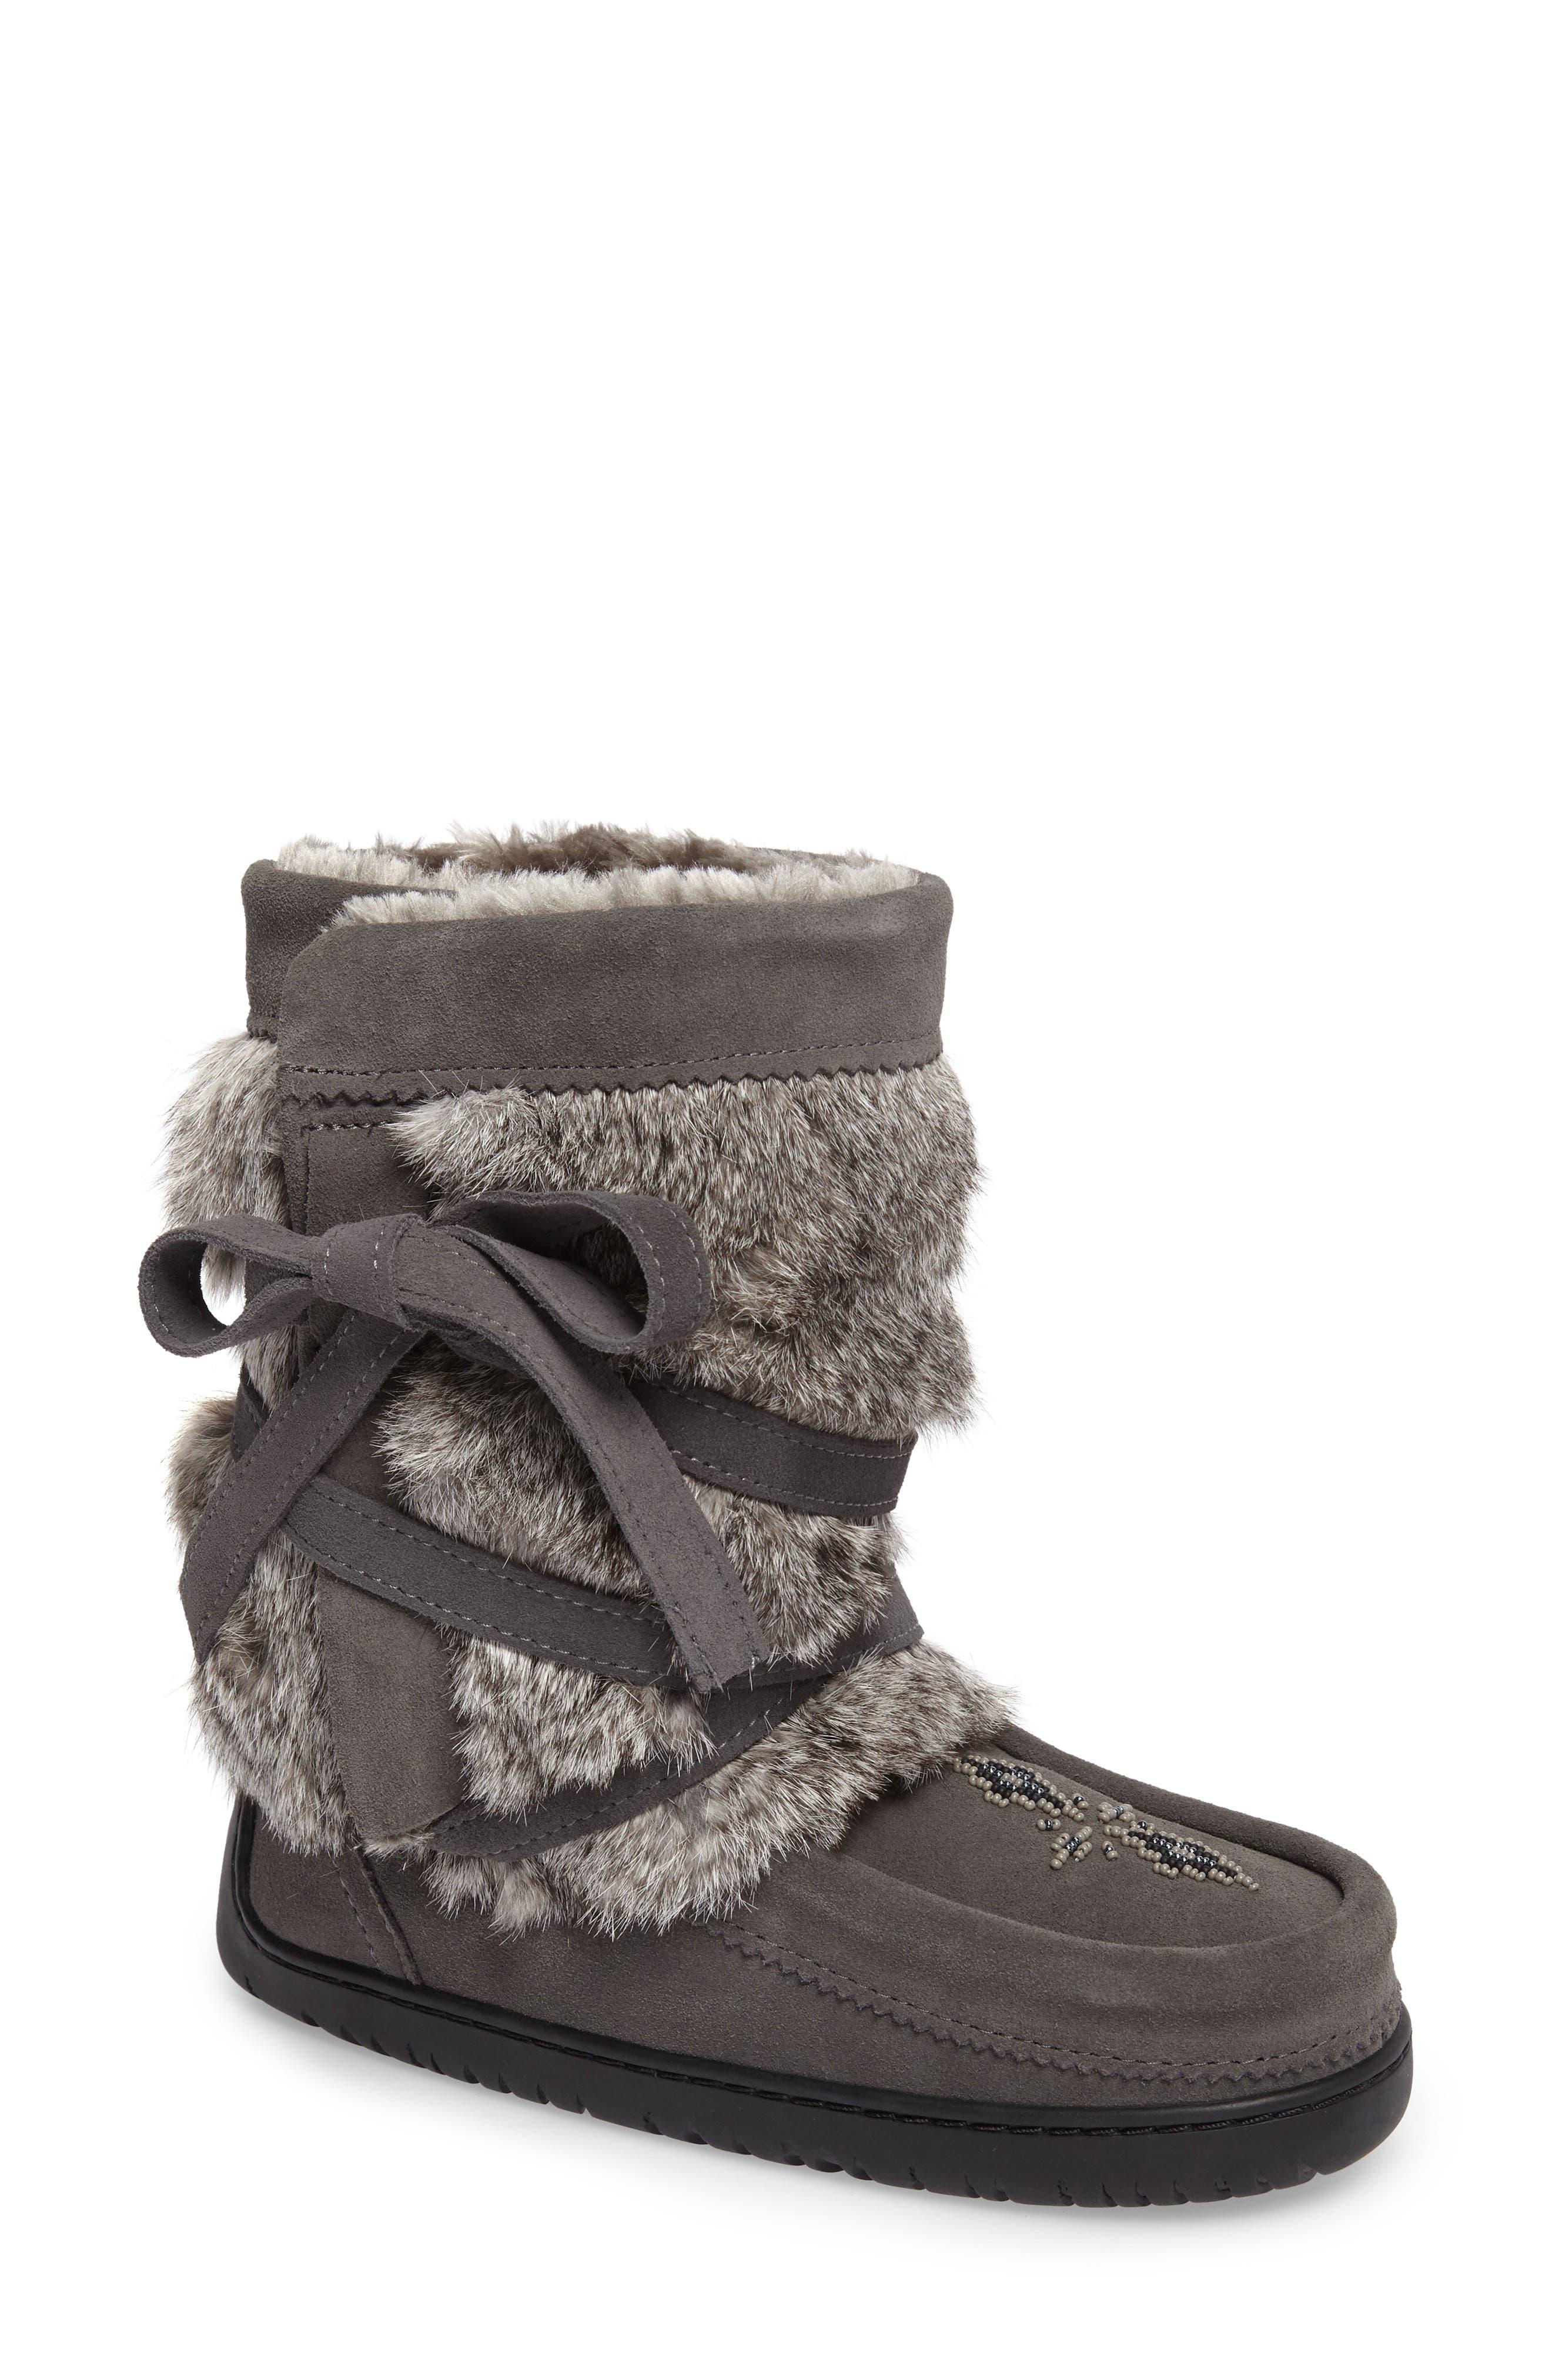 Beaded Short Wrap Genuine Rabbit Fur & Shearling Boot,                         Main,                         color, CHARCOAL FUR